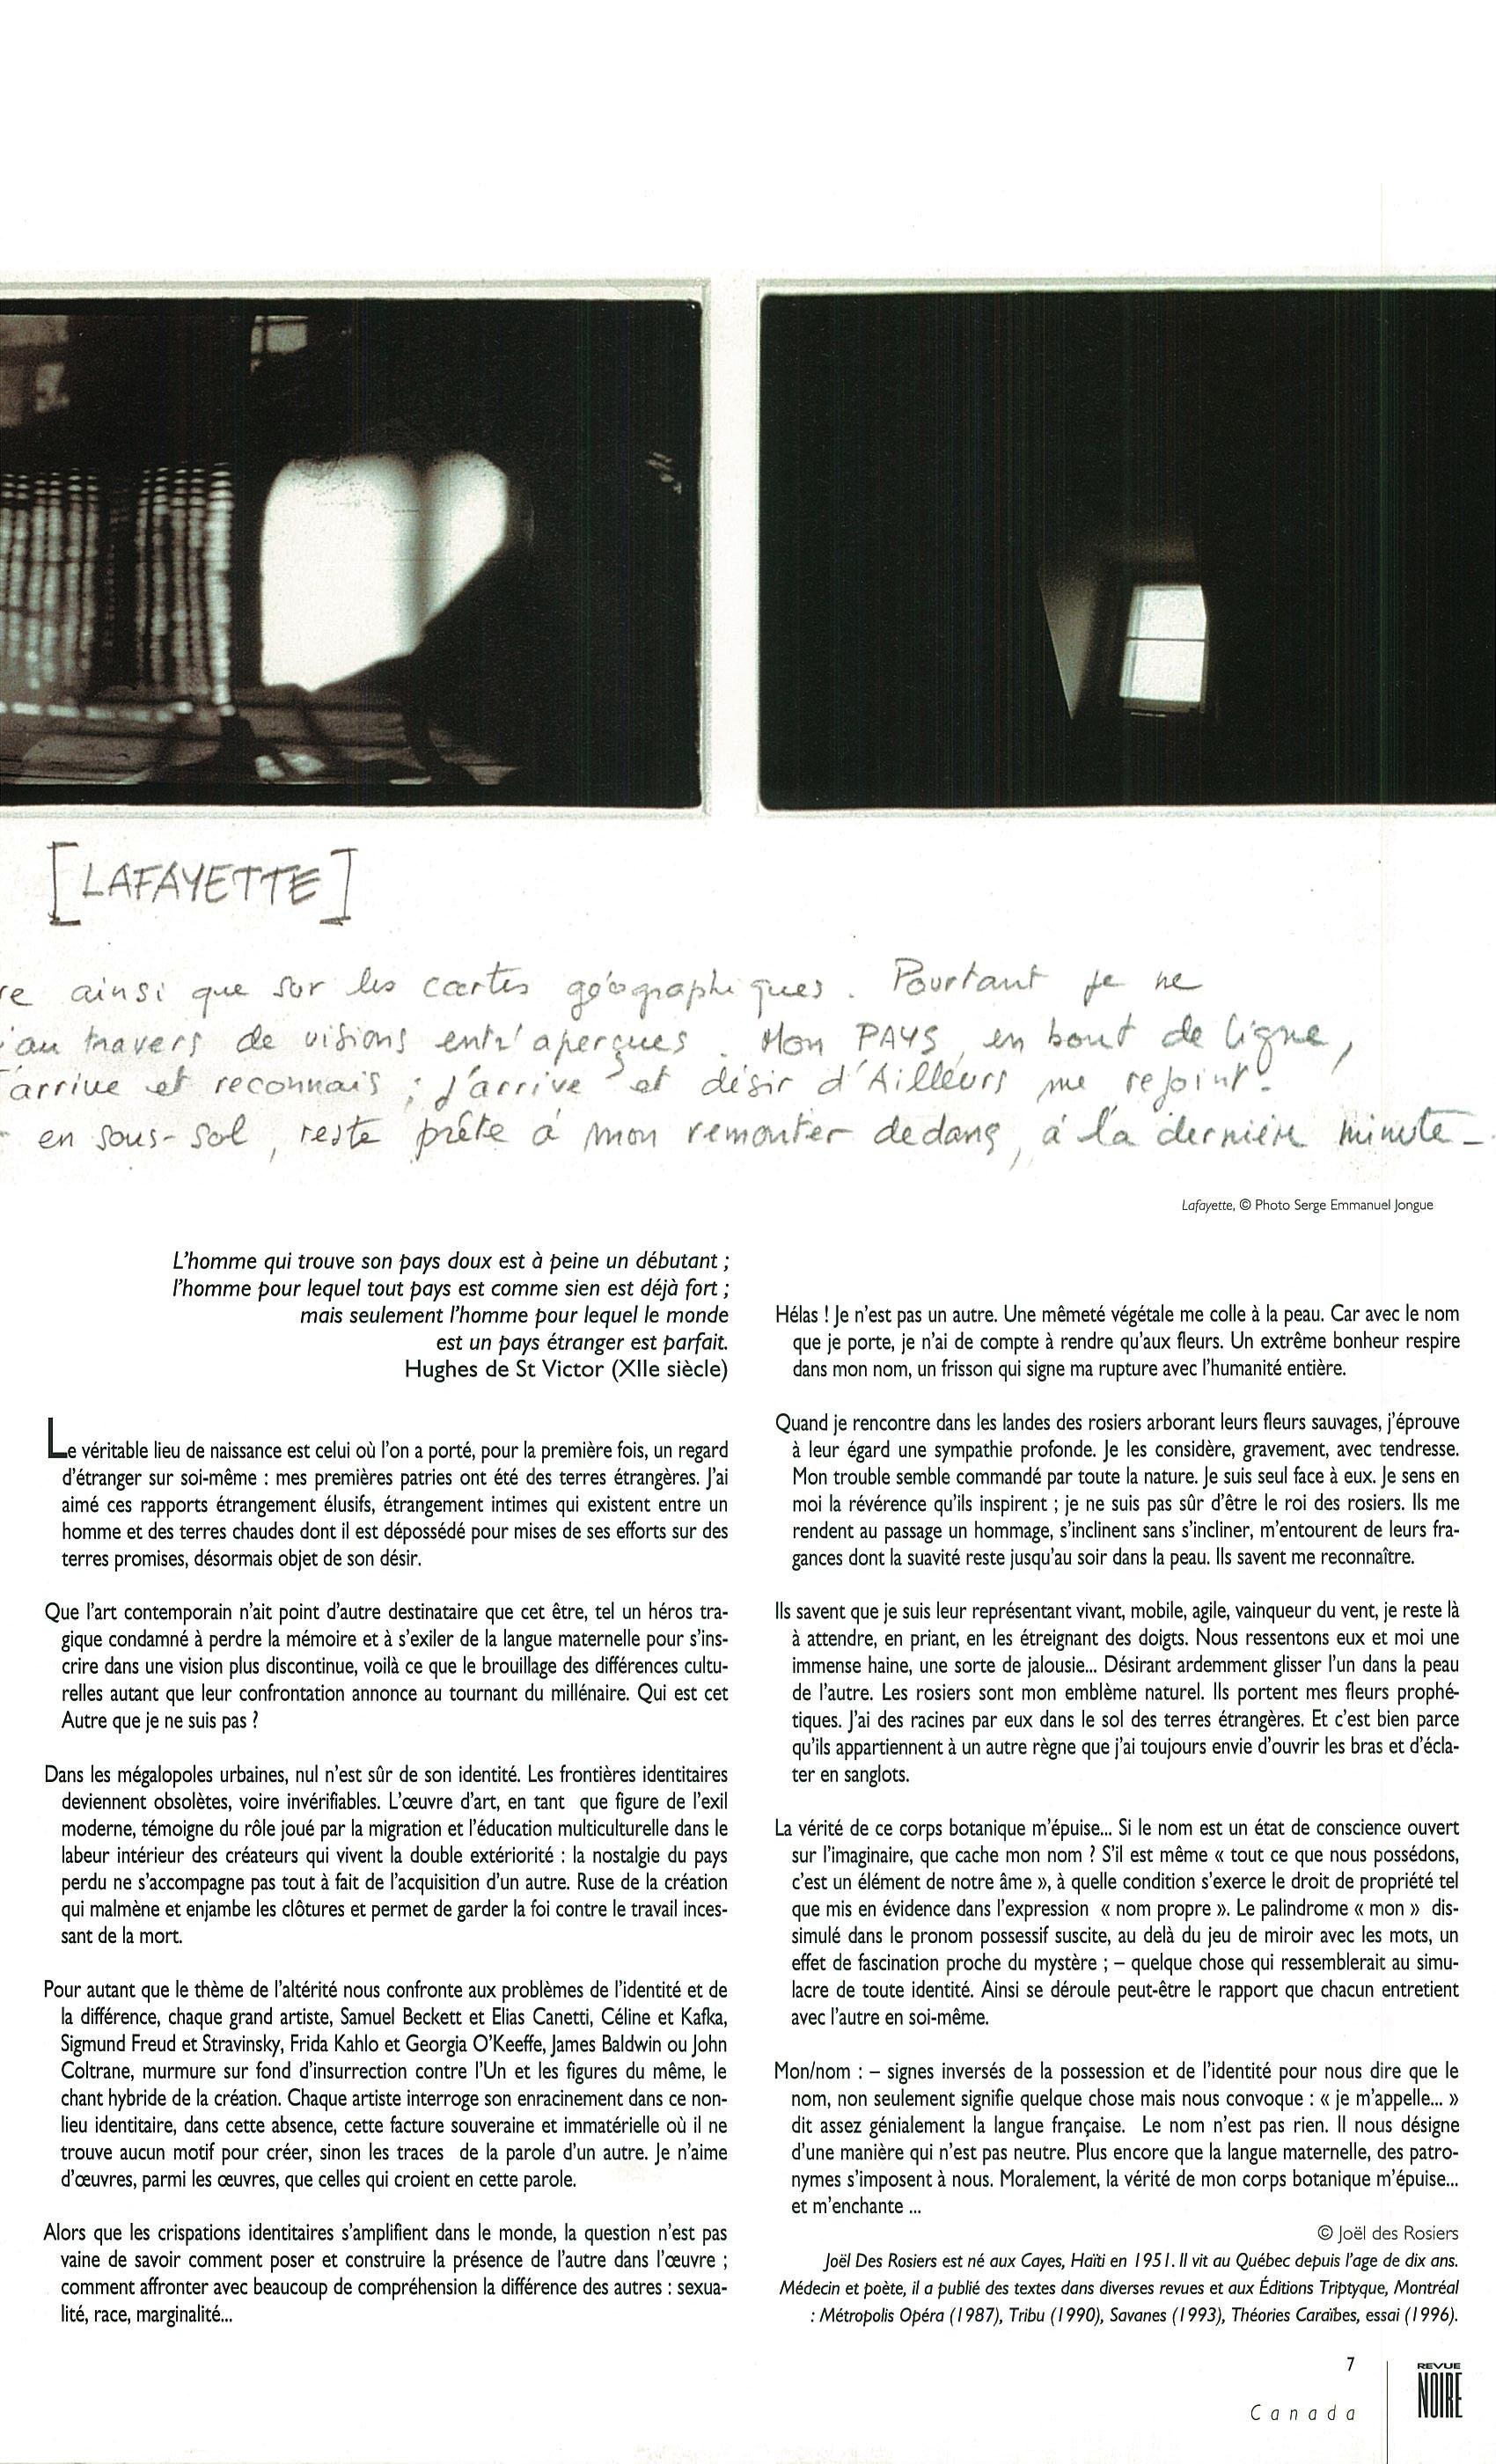 2. Revue Noire book_Page_009